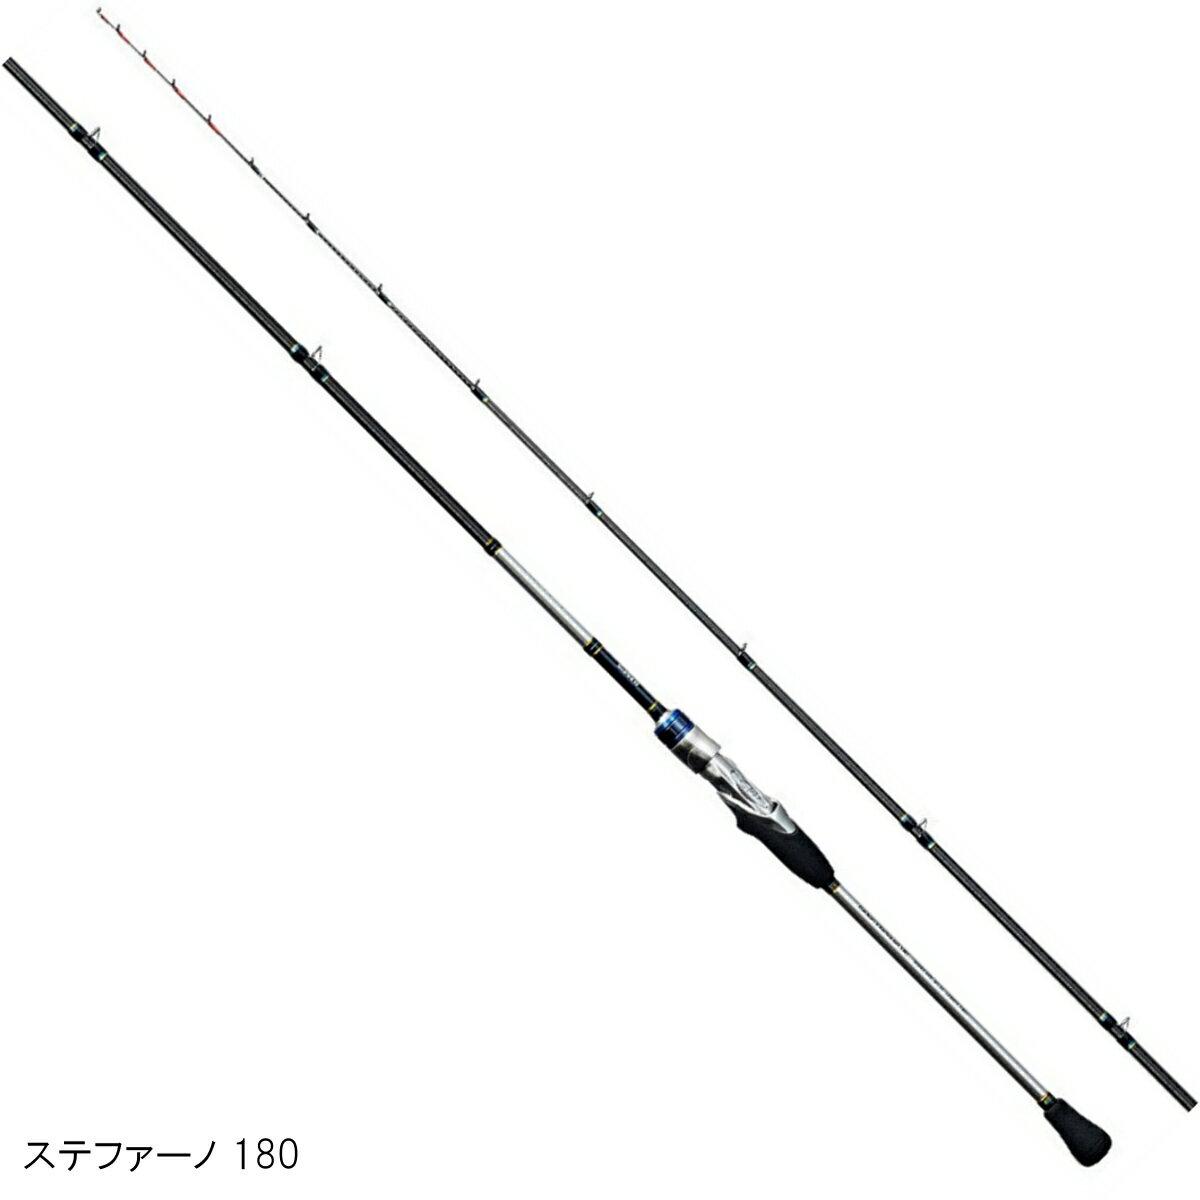 シマノ(SHIMANO) ステファーノ 180